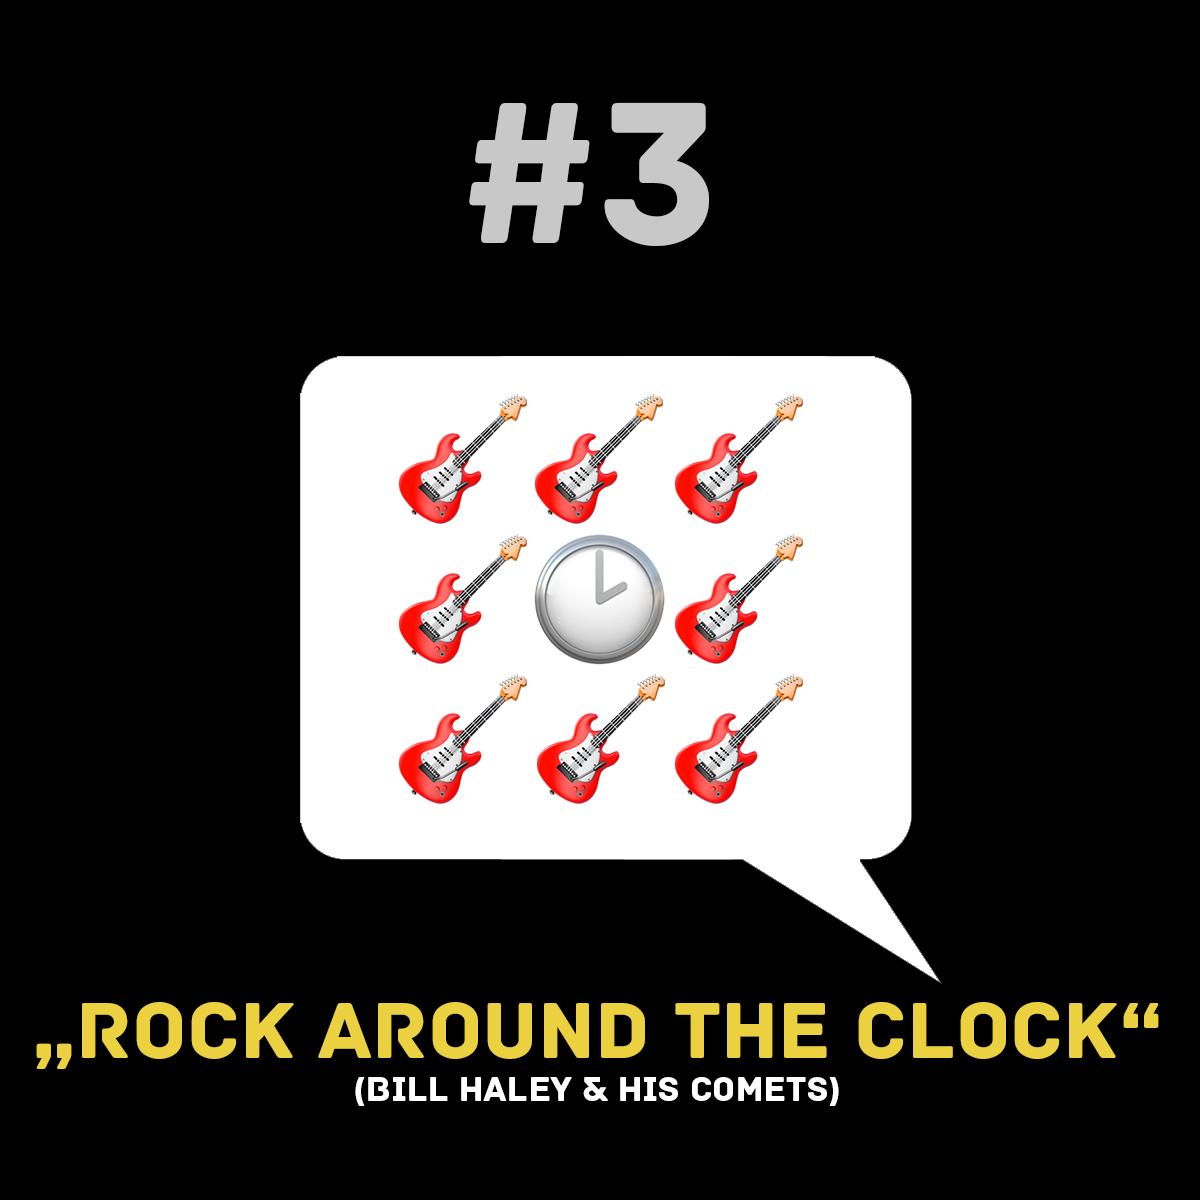 Songtitel in Emojis dargestellt emojibands_03b